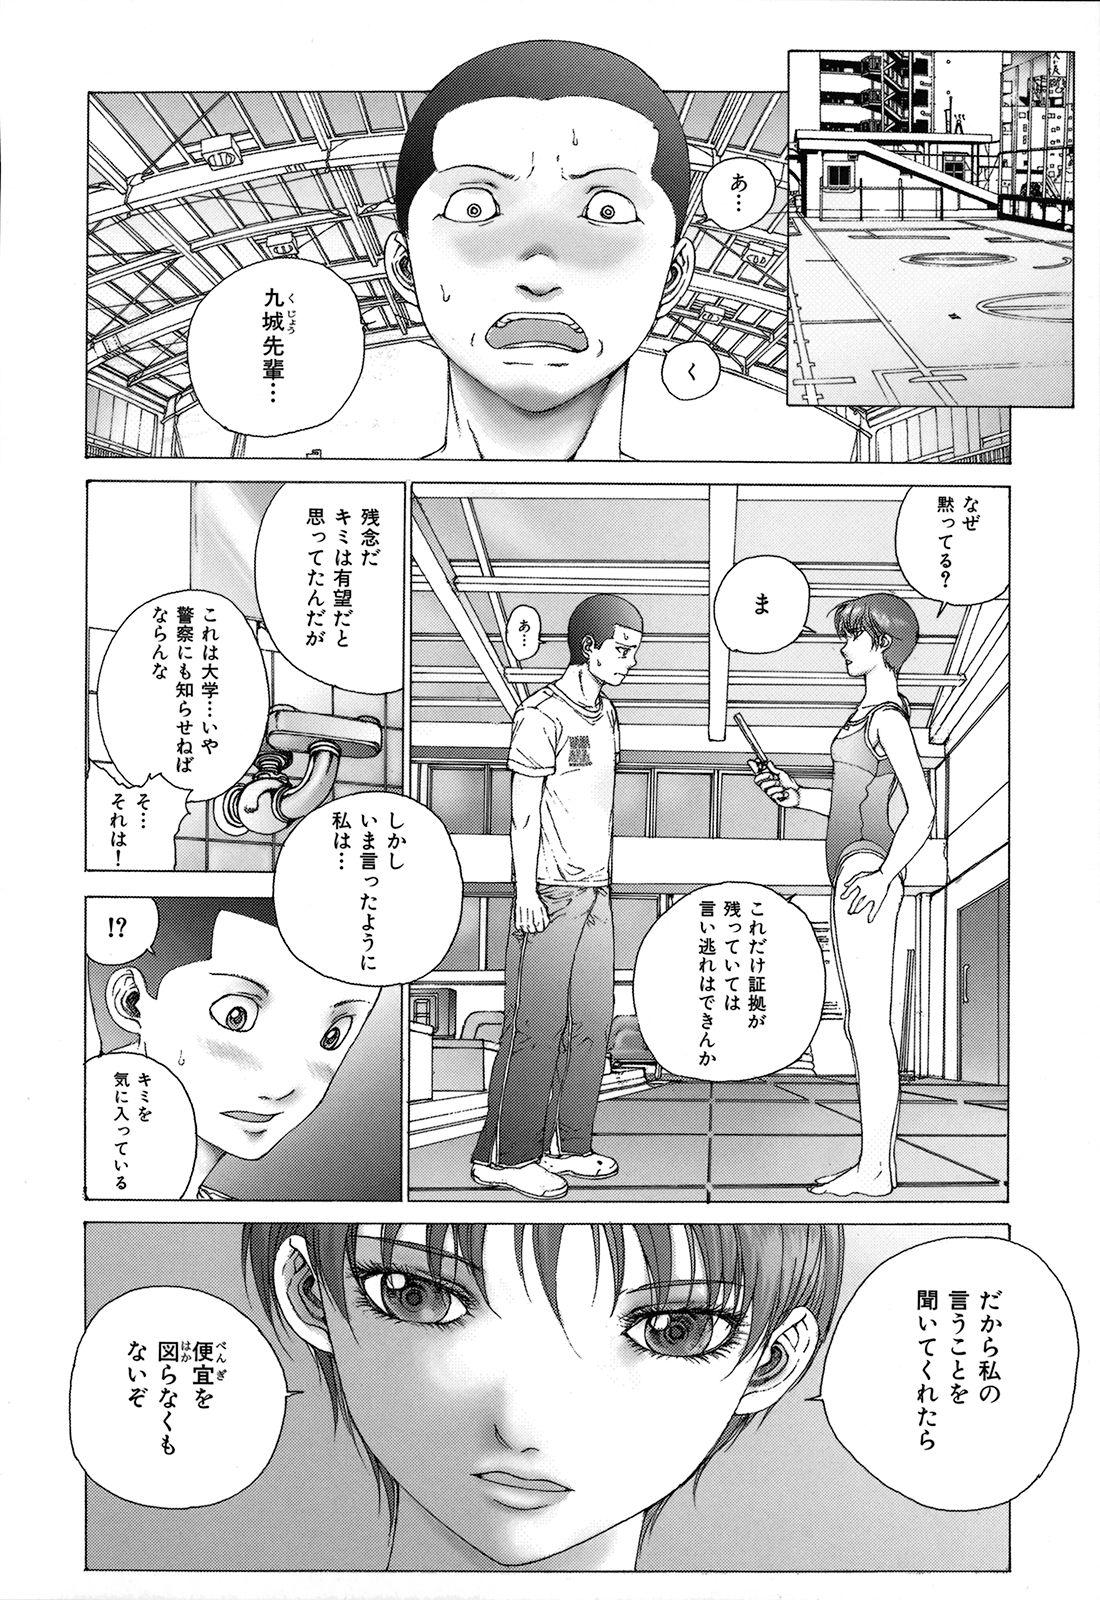 Kou Musume 63